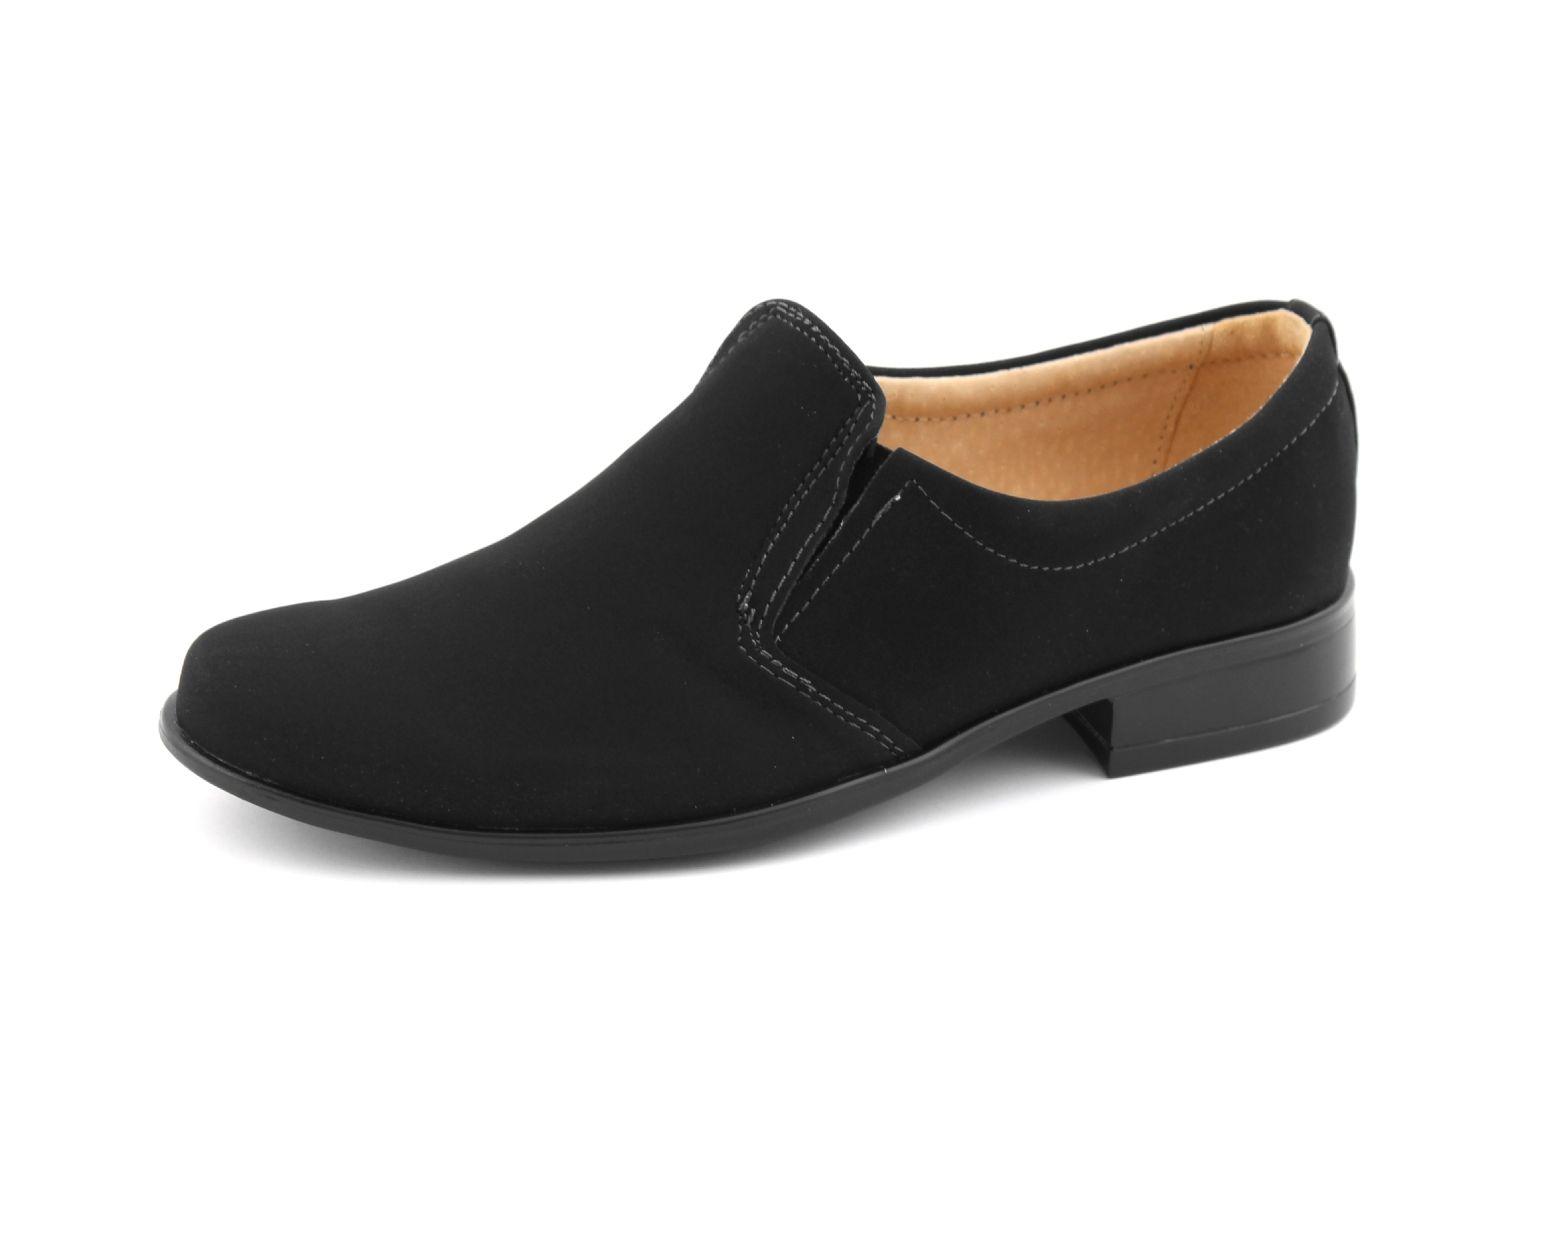 Polbuty Na Komunie Dla Chlopca Z Nubuku Dress Shoes Men Loafers Men Oxford Shoes